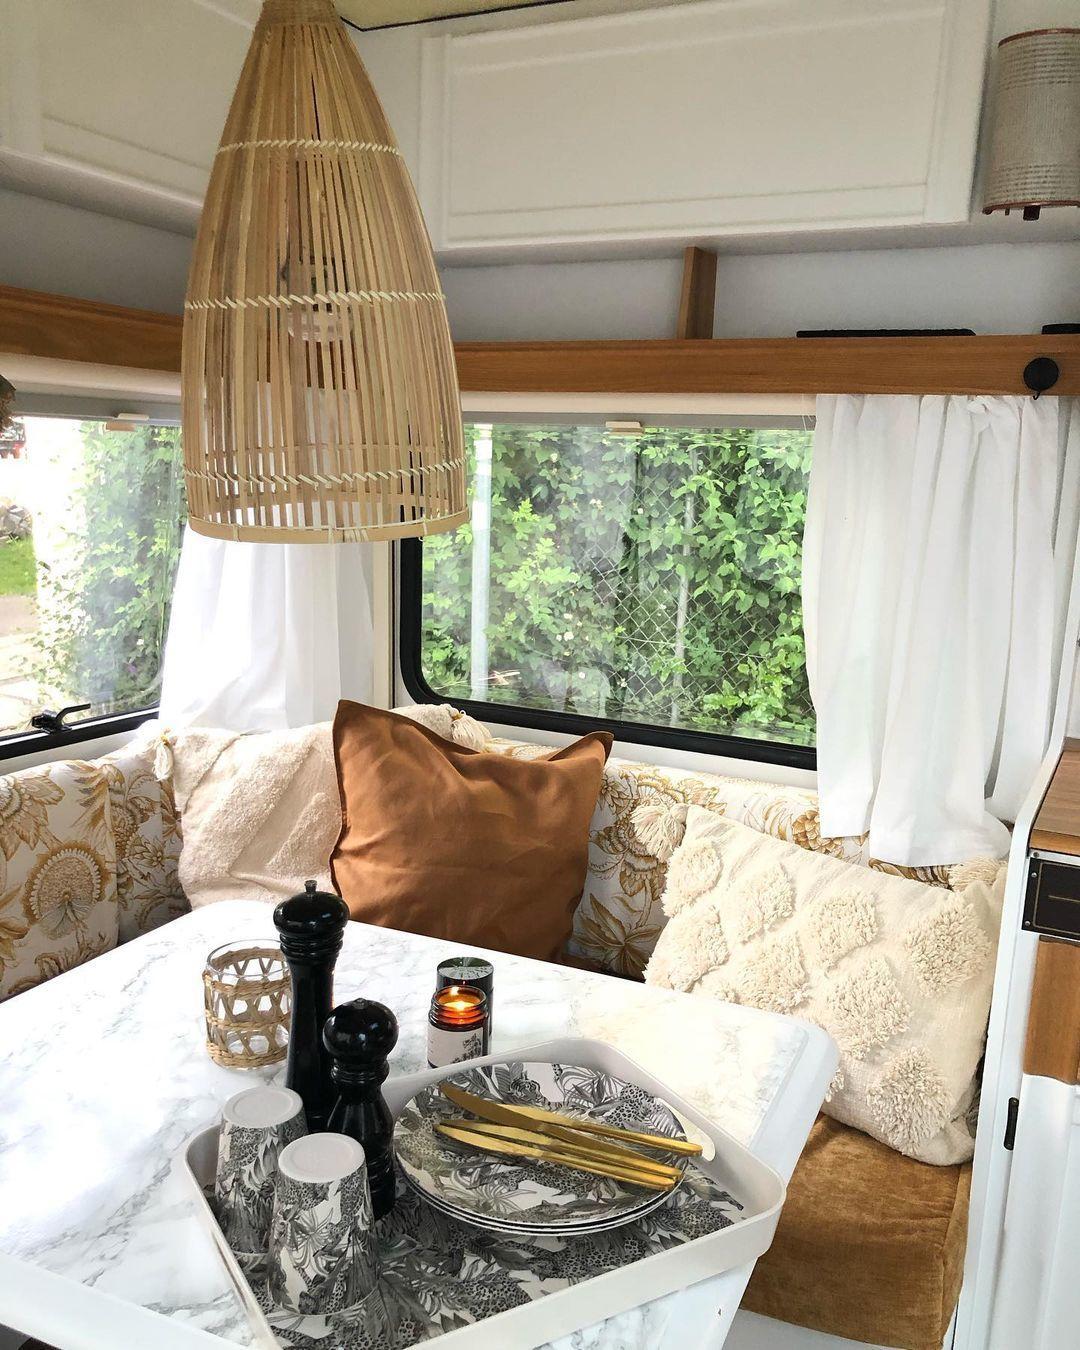 Blick durch das Frontfenster in den hell frisch renovovierten Wohnwagen in Erdtönen - Caravan Service Stehmeier